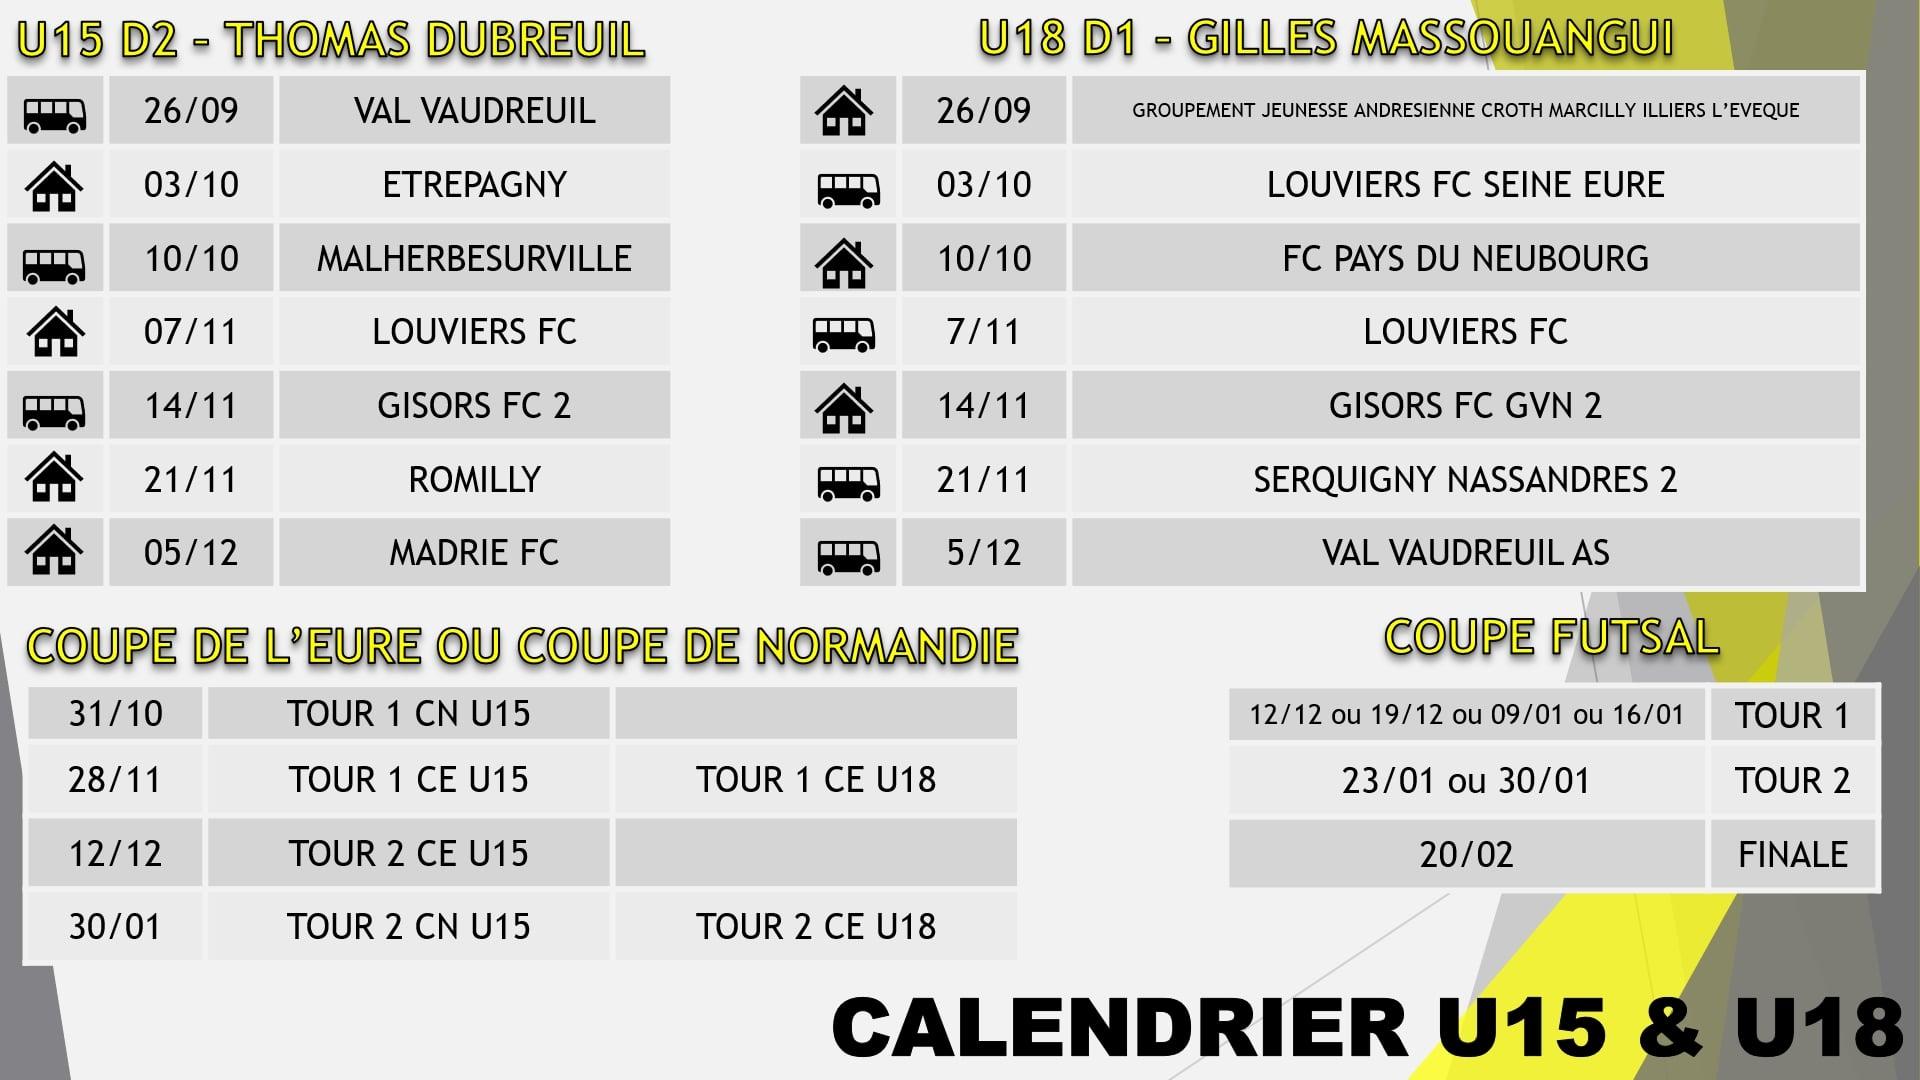 calendrier u15 - u18